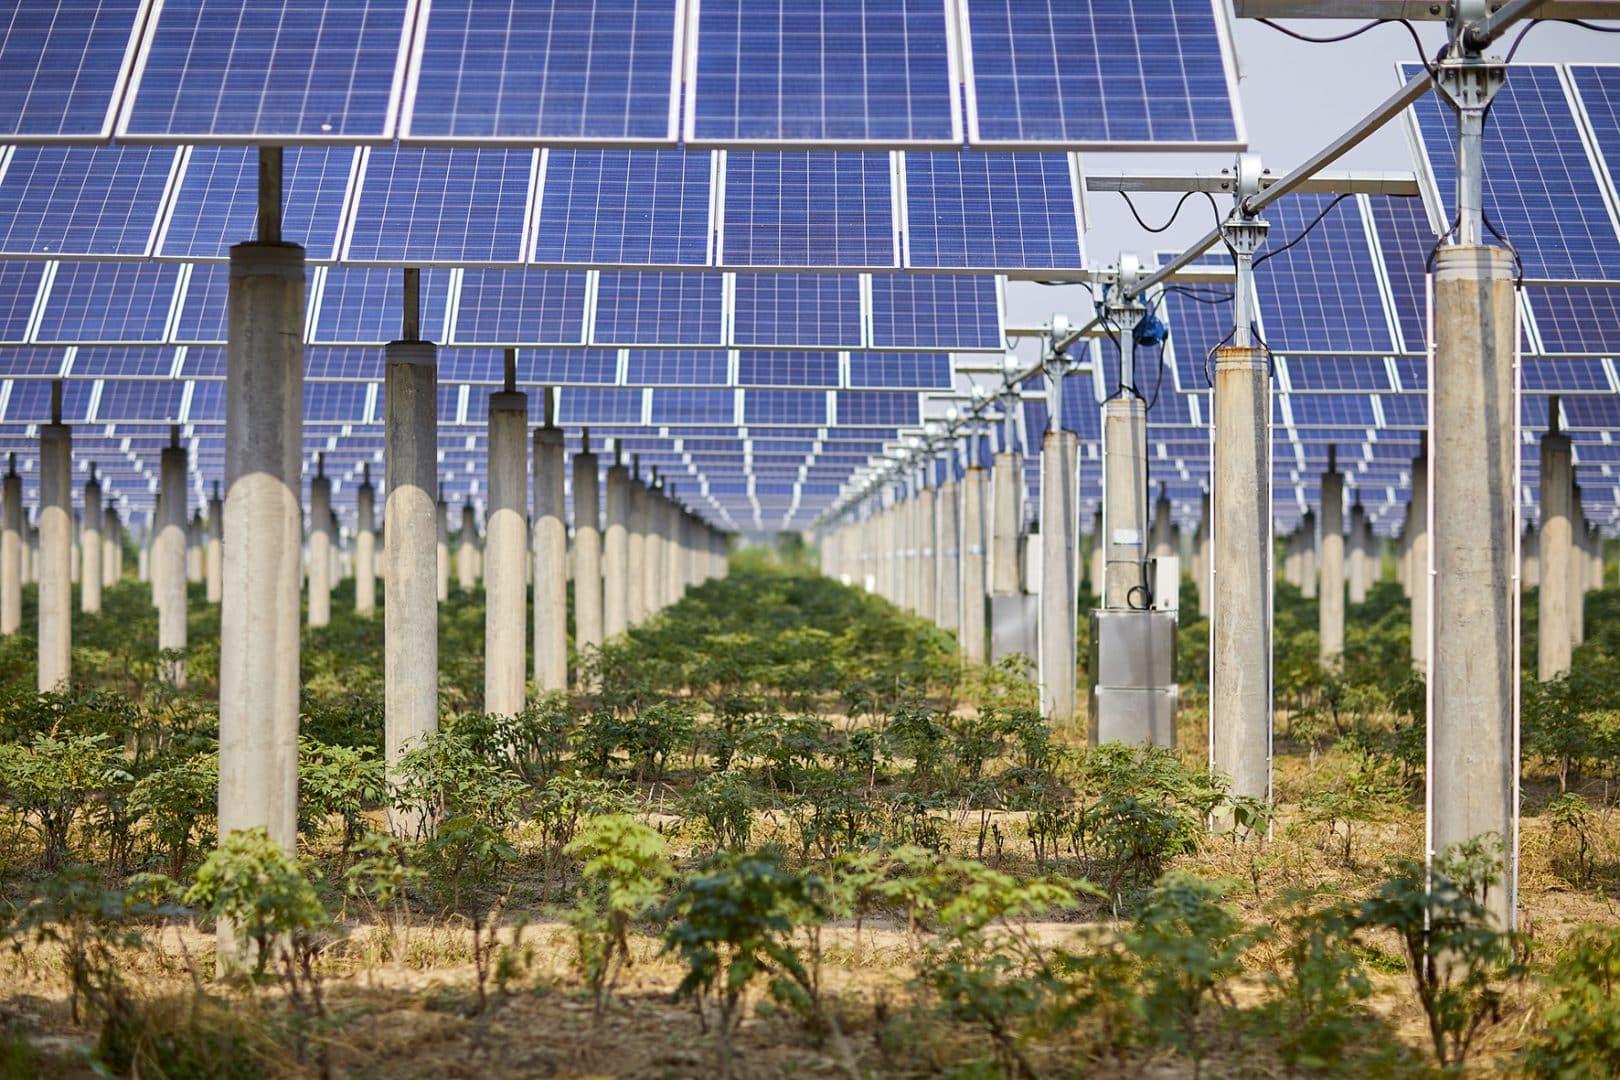 appels-d'offre-photovoltaique-juin-2020ique